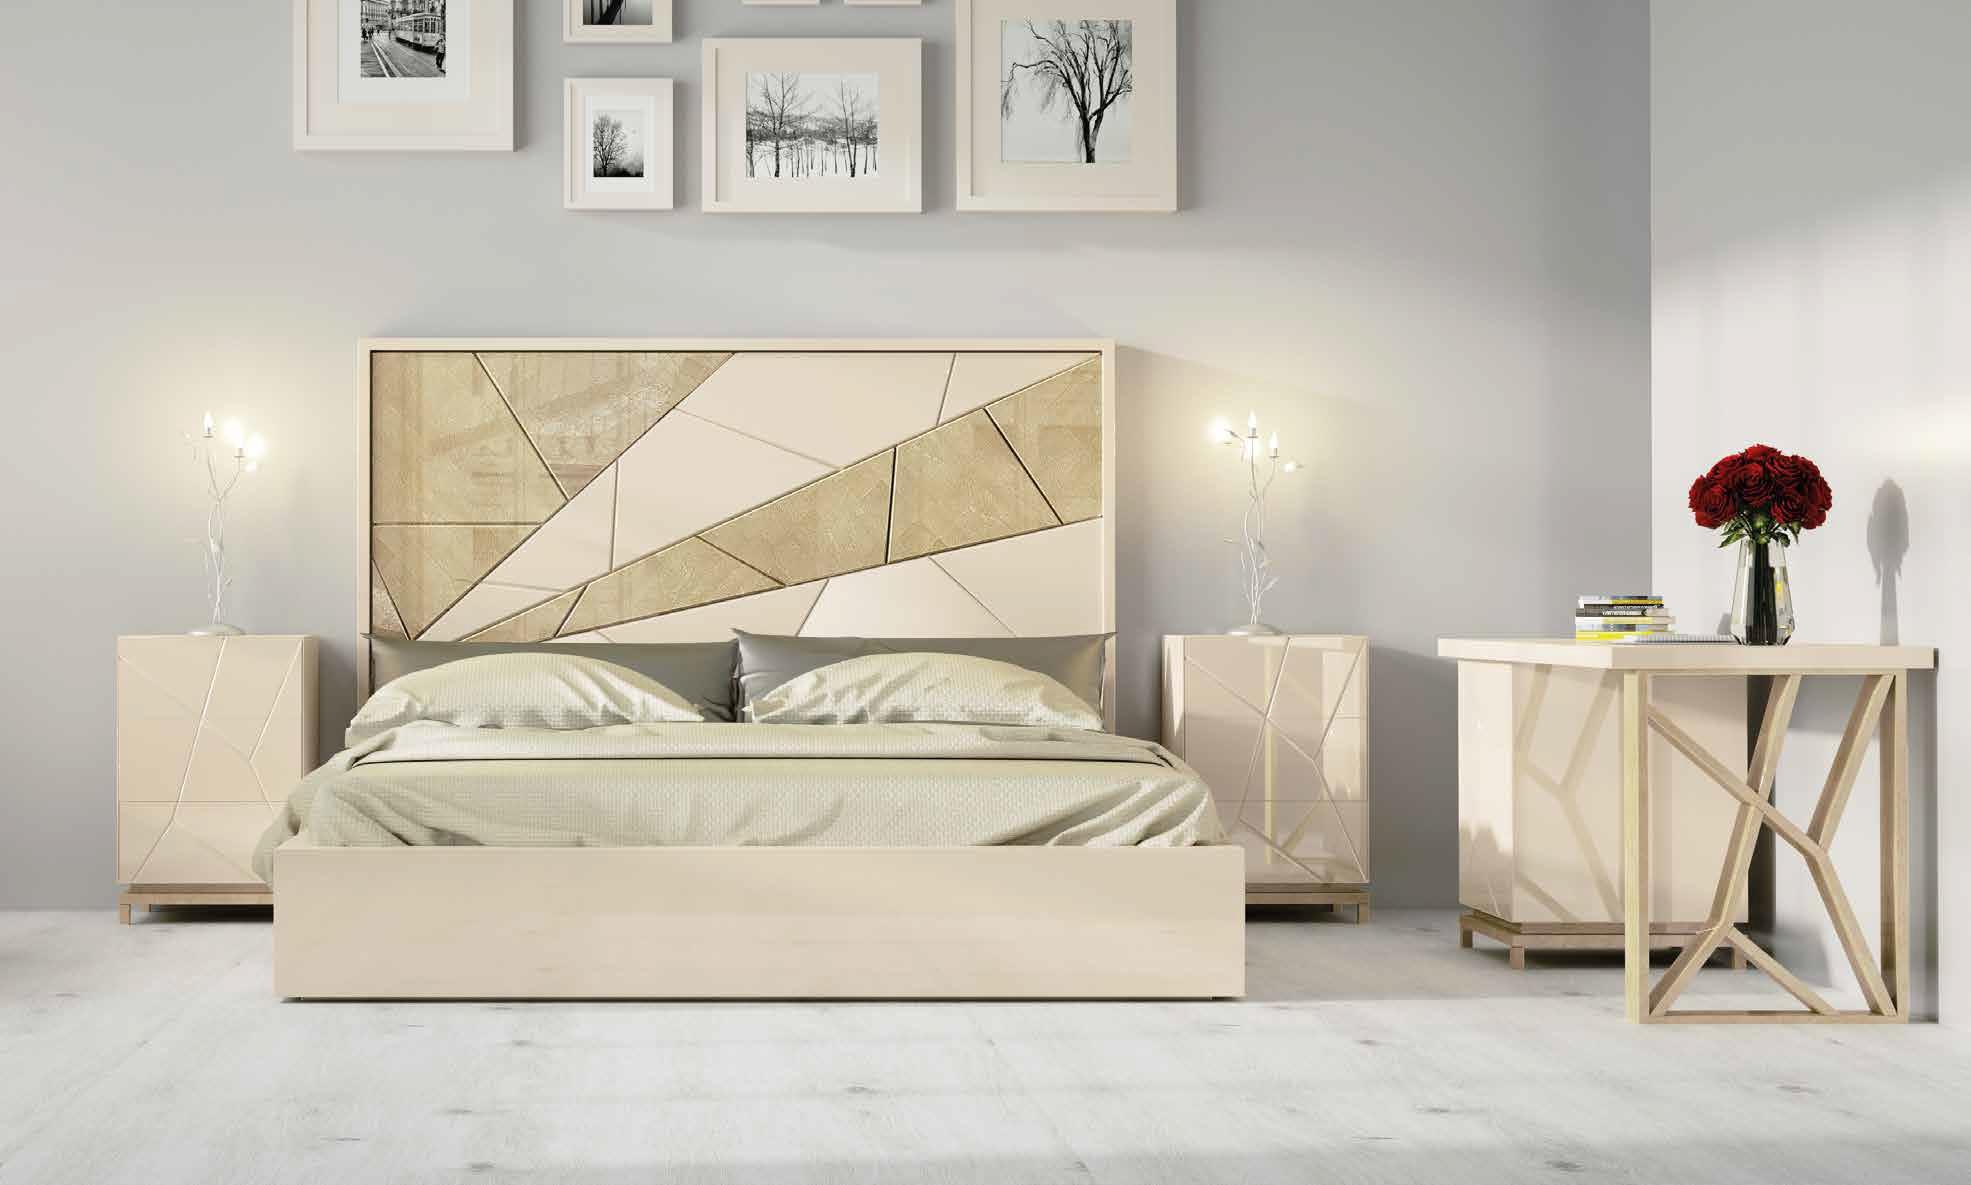 dormitorio-contemporaneo-Volumen-1-muebles-paco-caballero-1220-5caf2f982a973